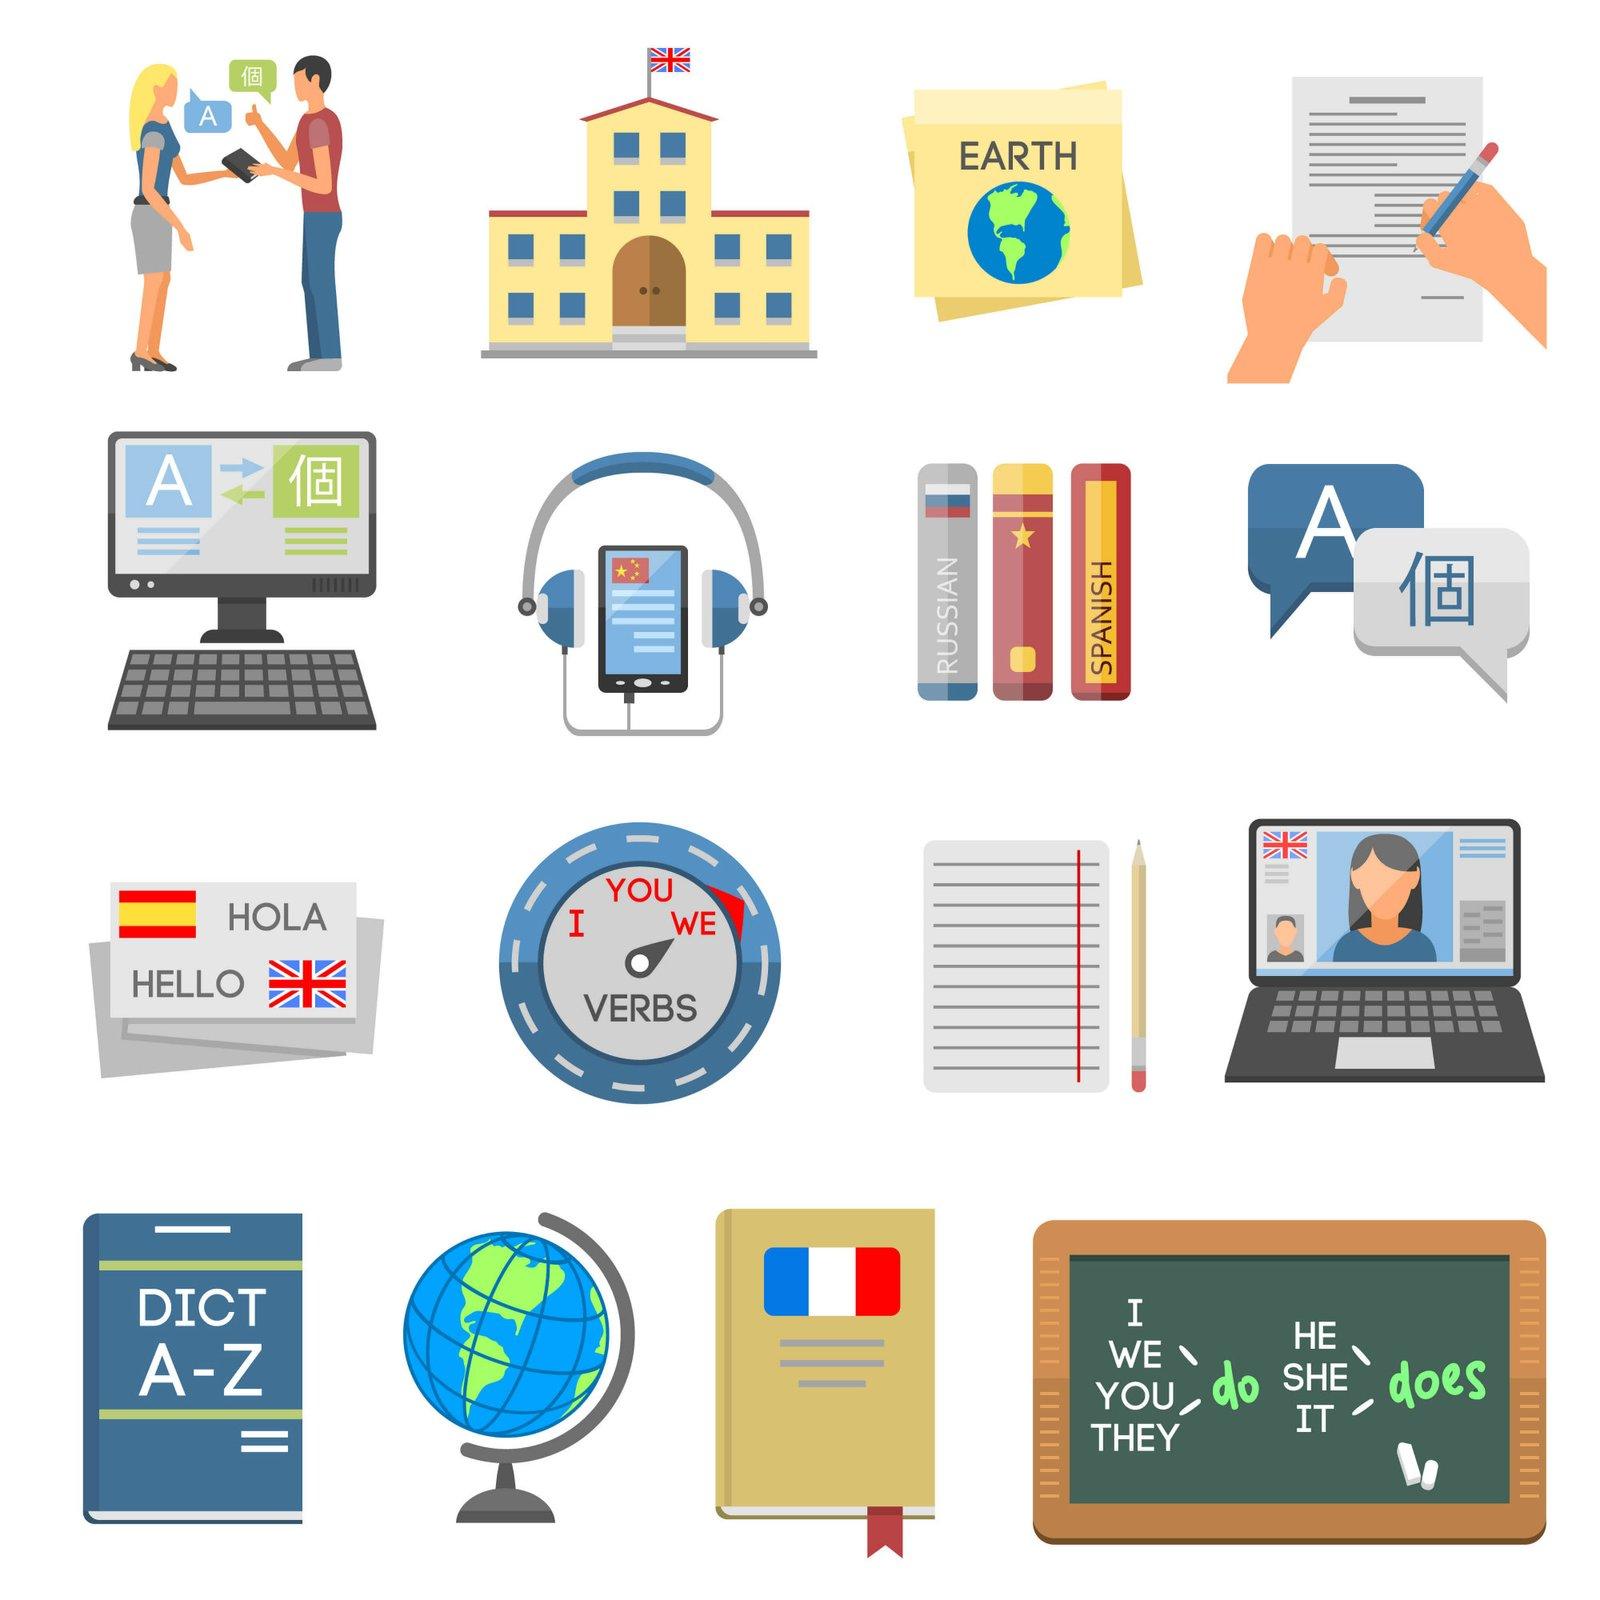 Tudo o que você precisa saber sobre tradução de trabalhos acadêmicos